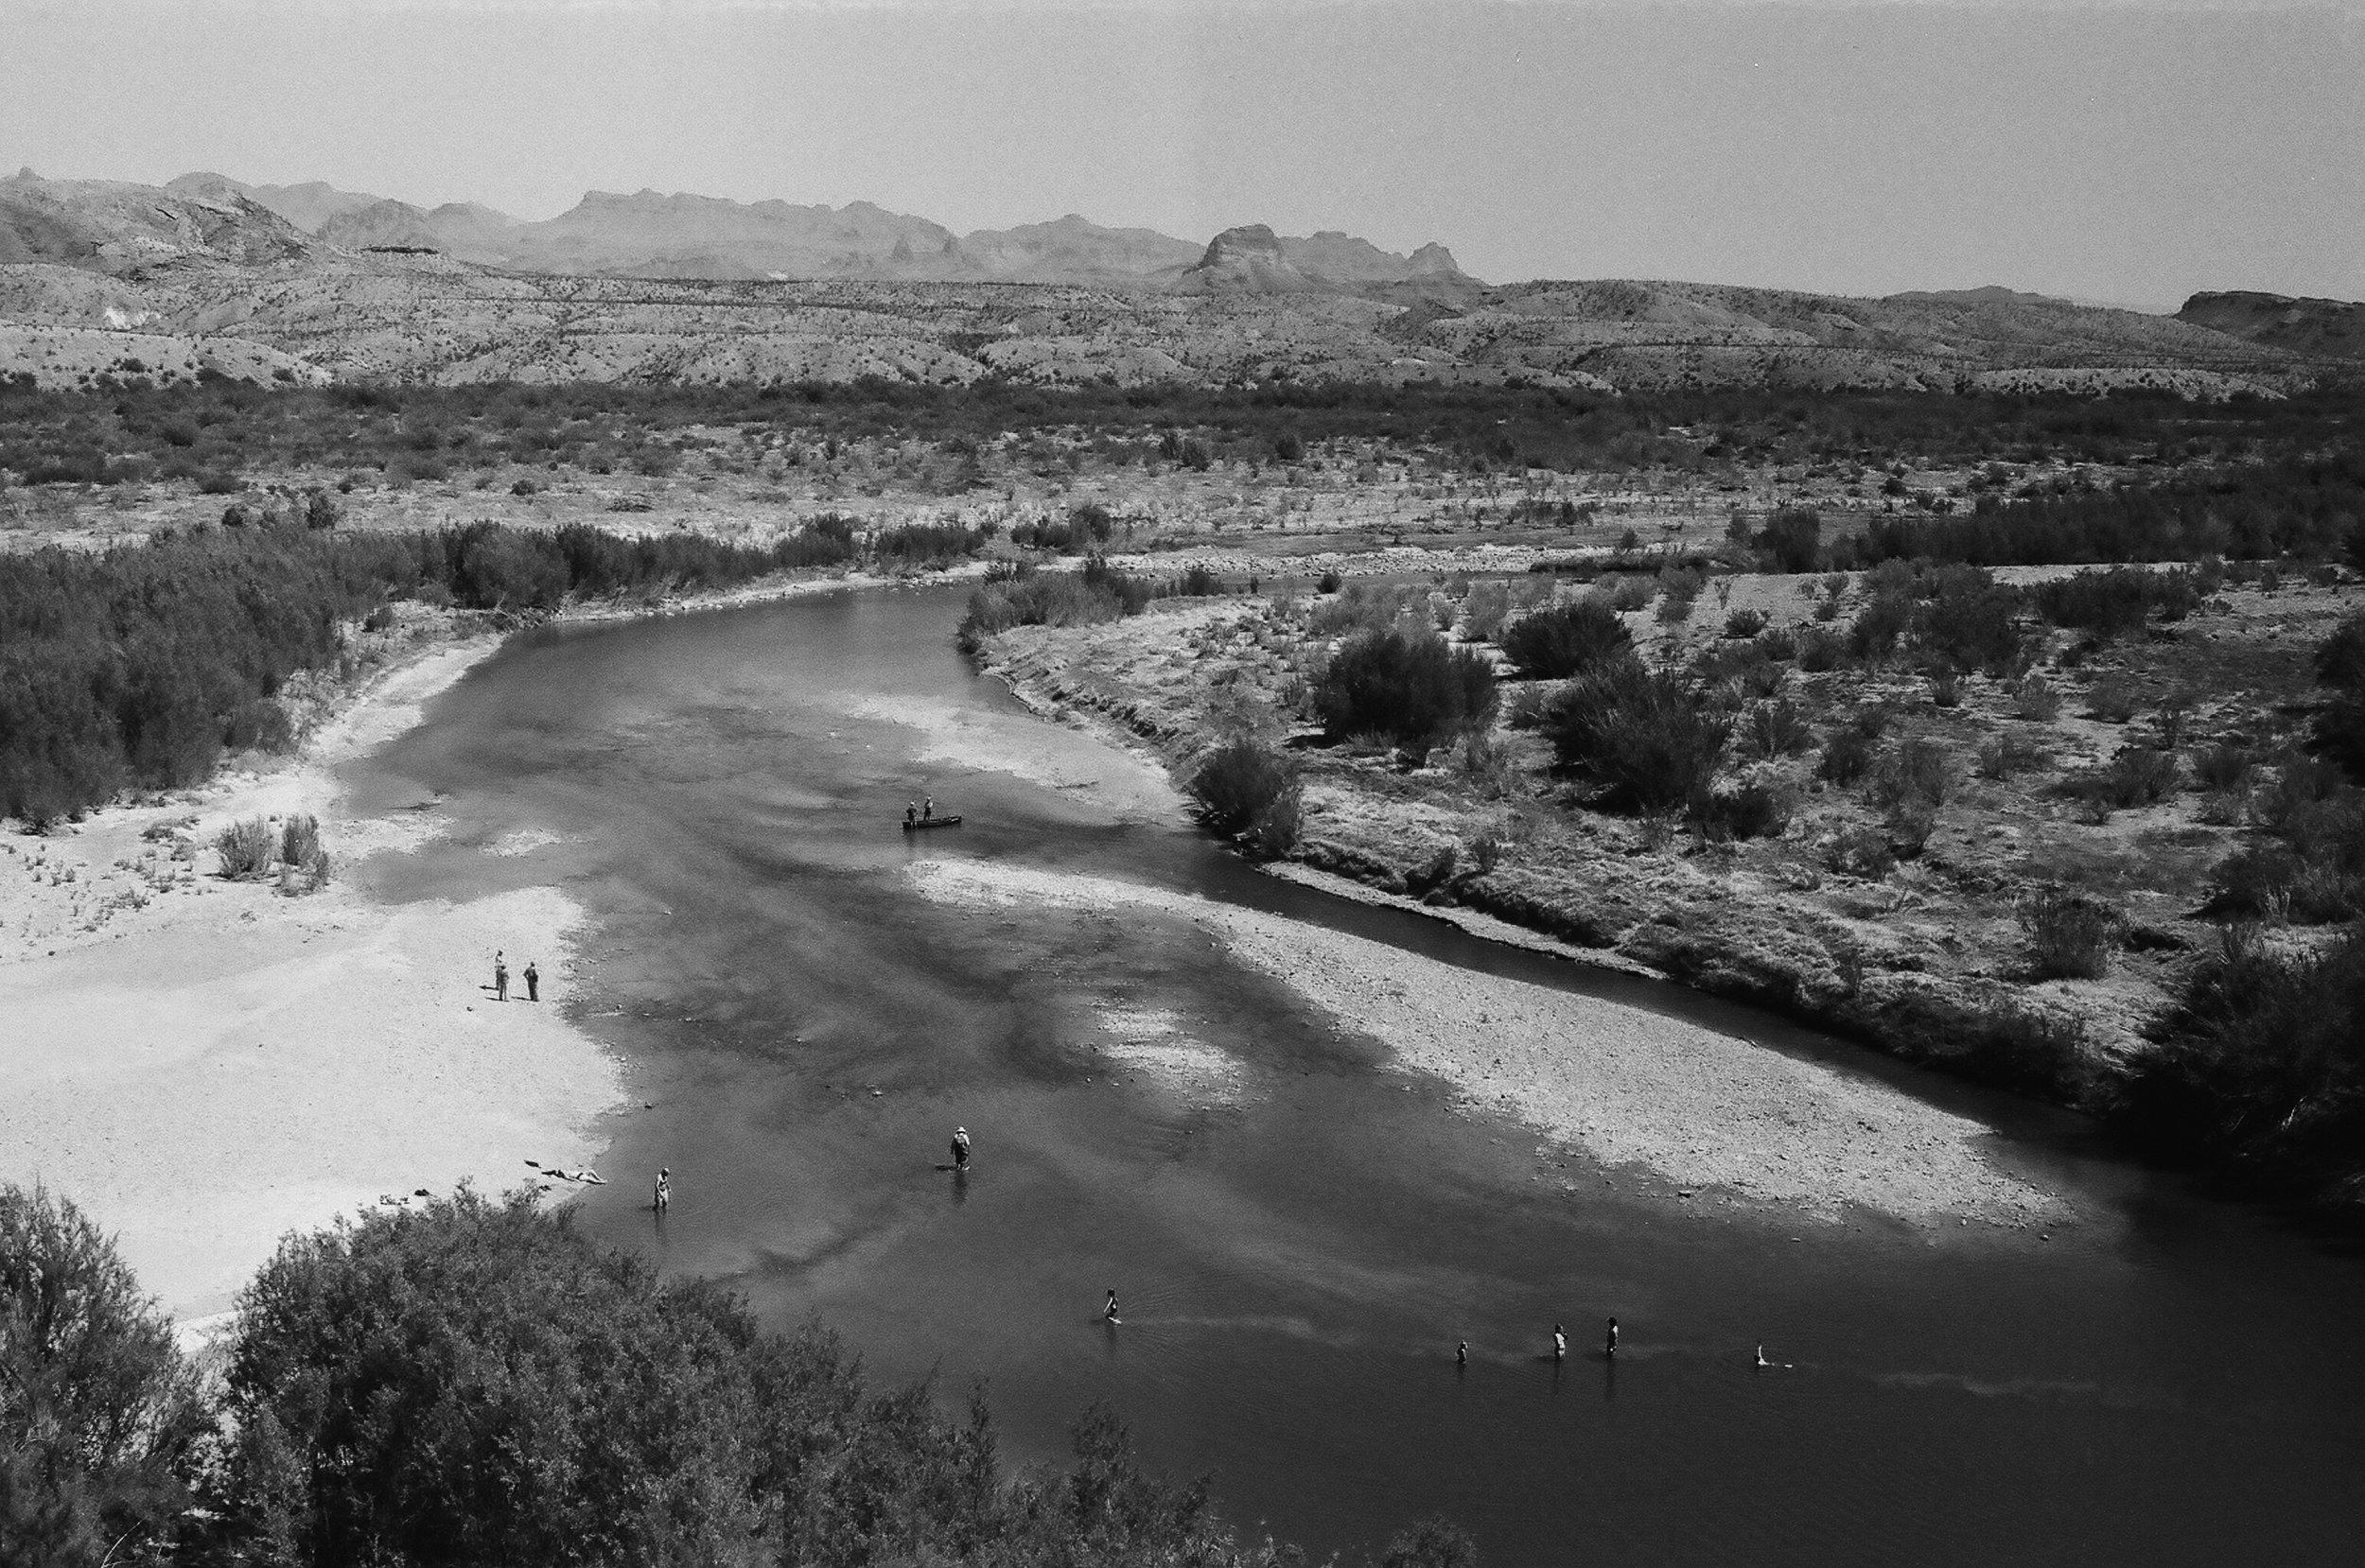 Cerca del Río_Boquillas del Carmen_2016_Katrina Jane Perry-8.jpg